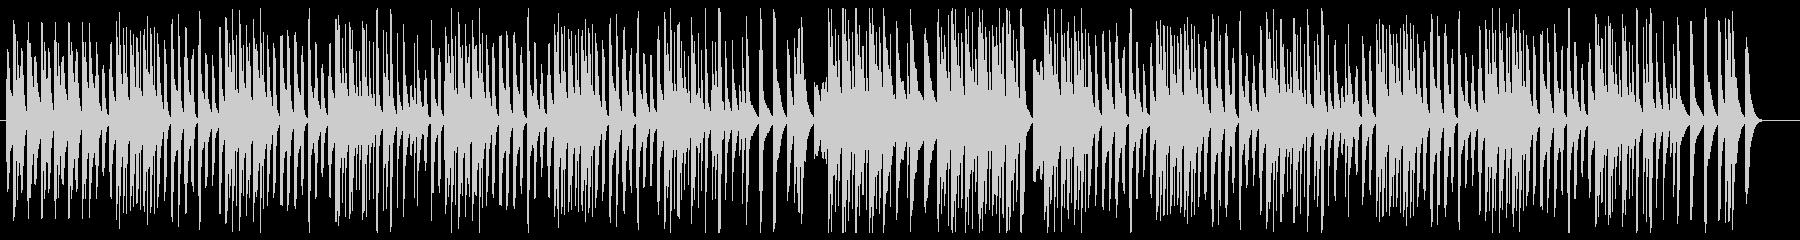 可愛いマレット曲の未再生の波形